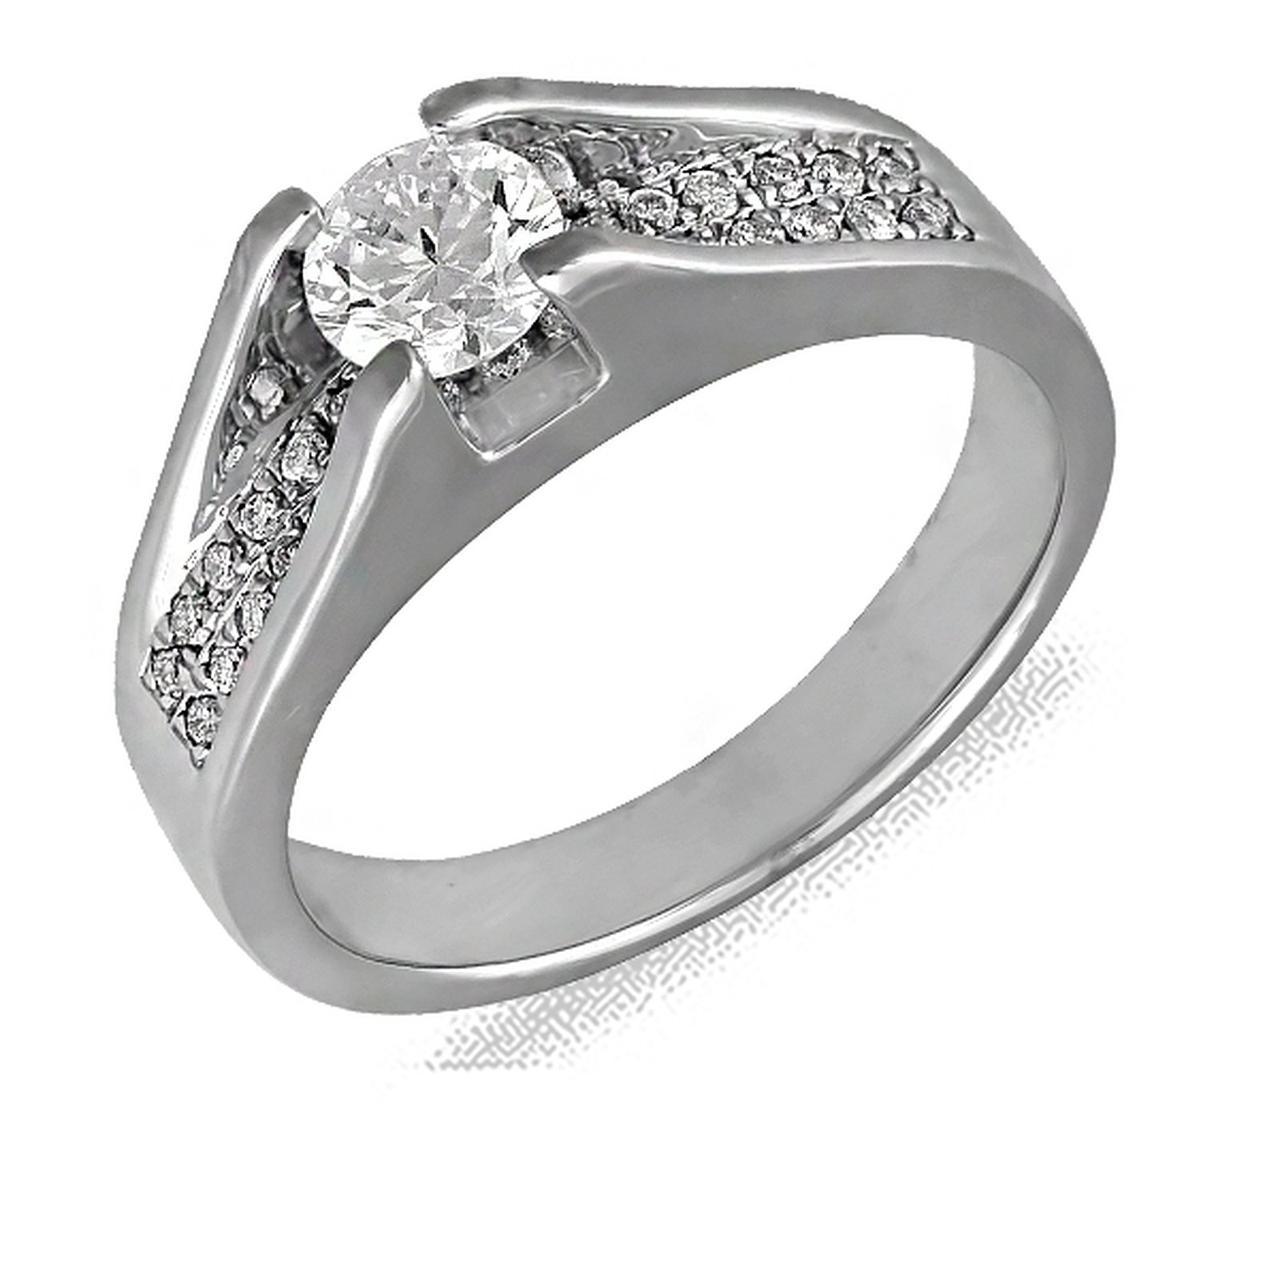 Золотое кольцо с бриллиантами, размер 15.5 (103364)